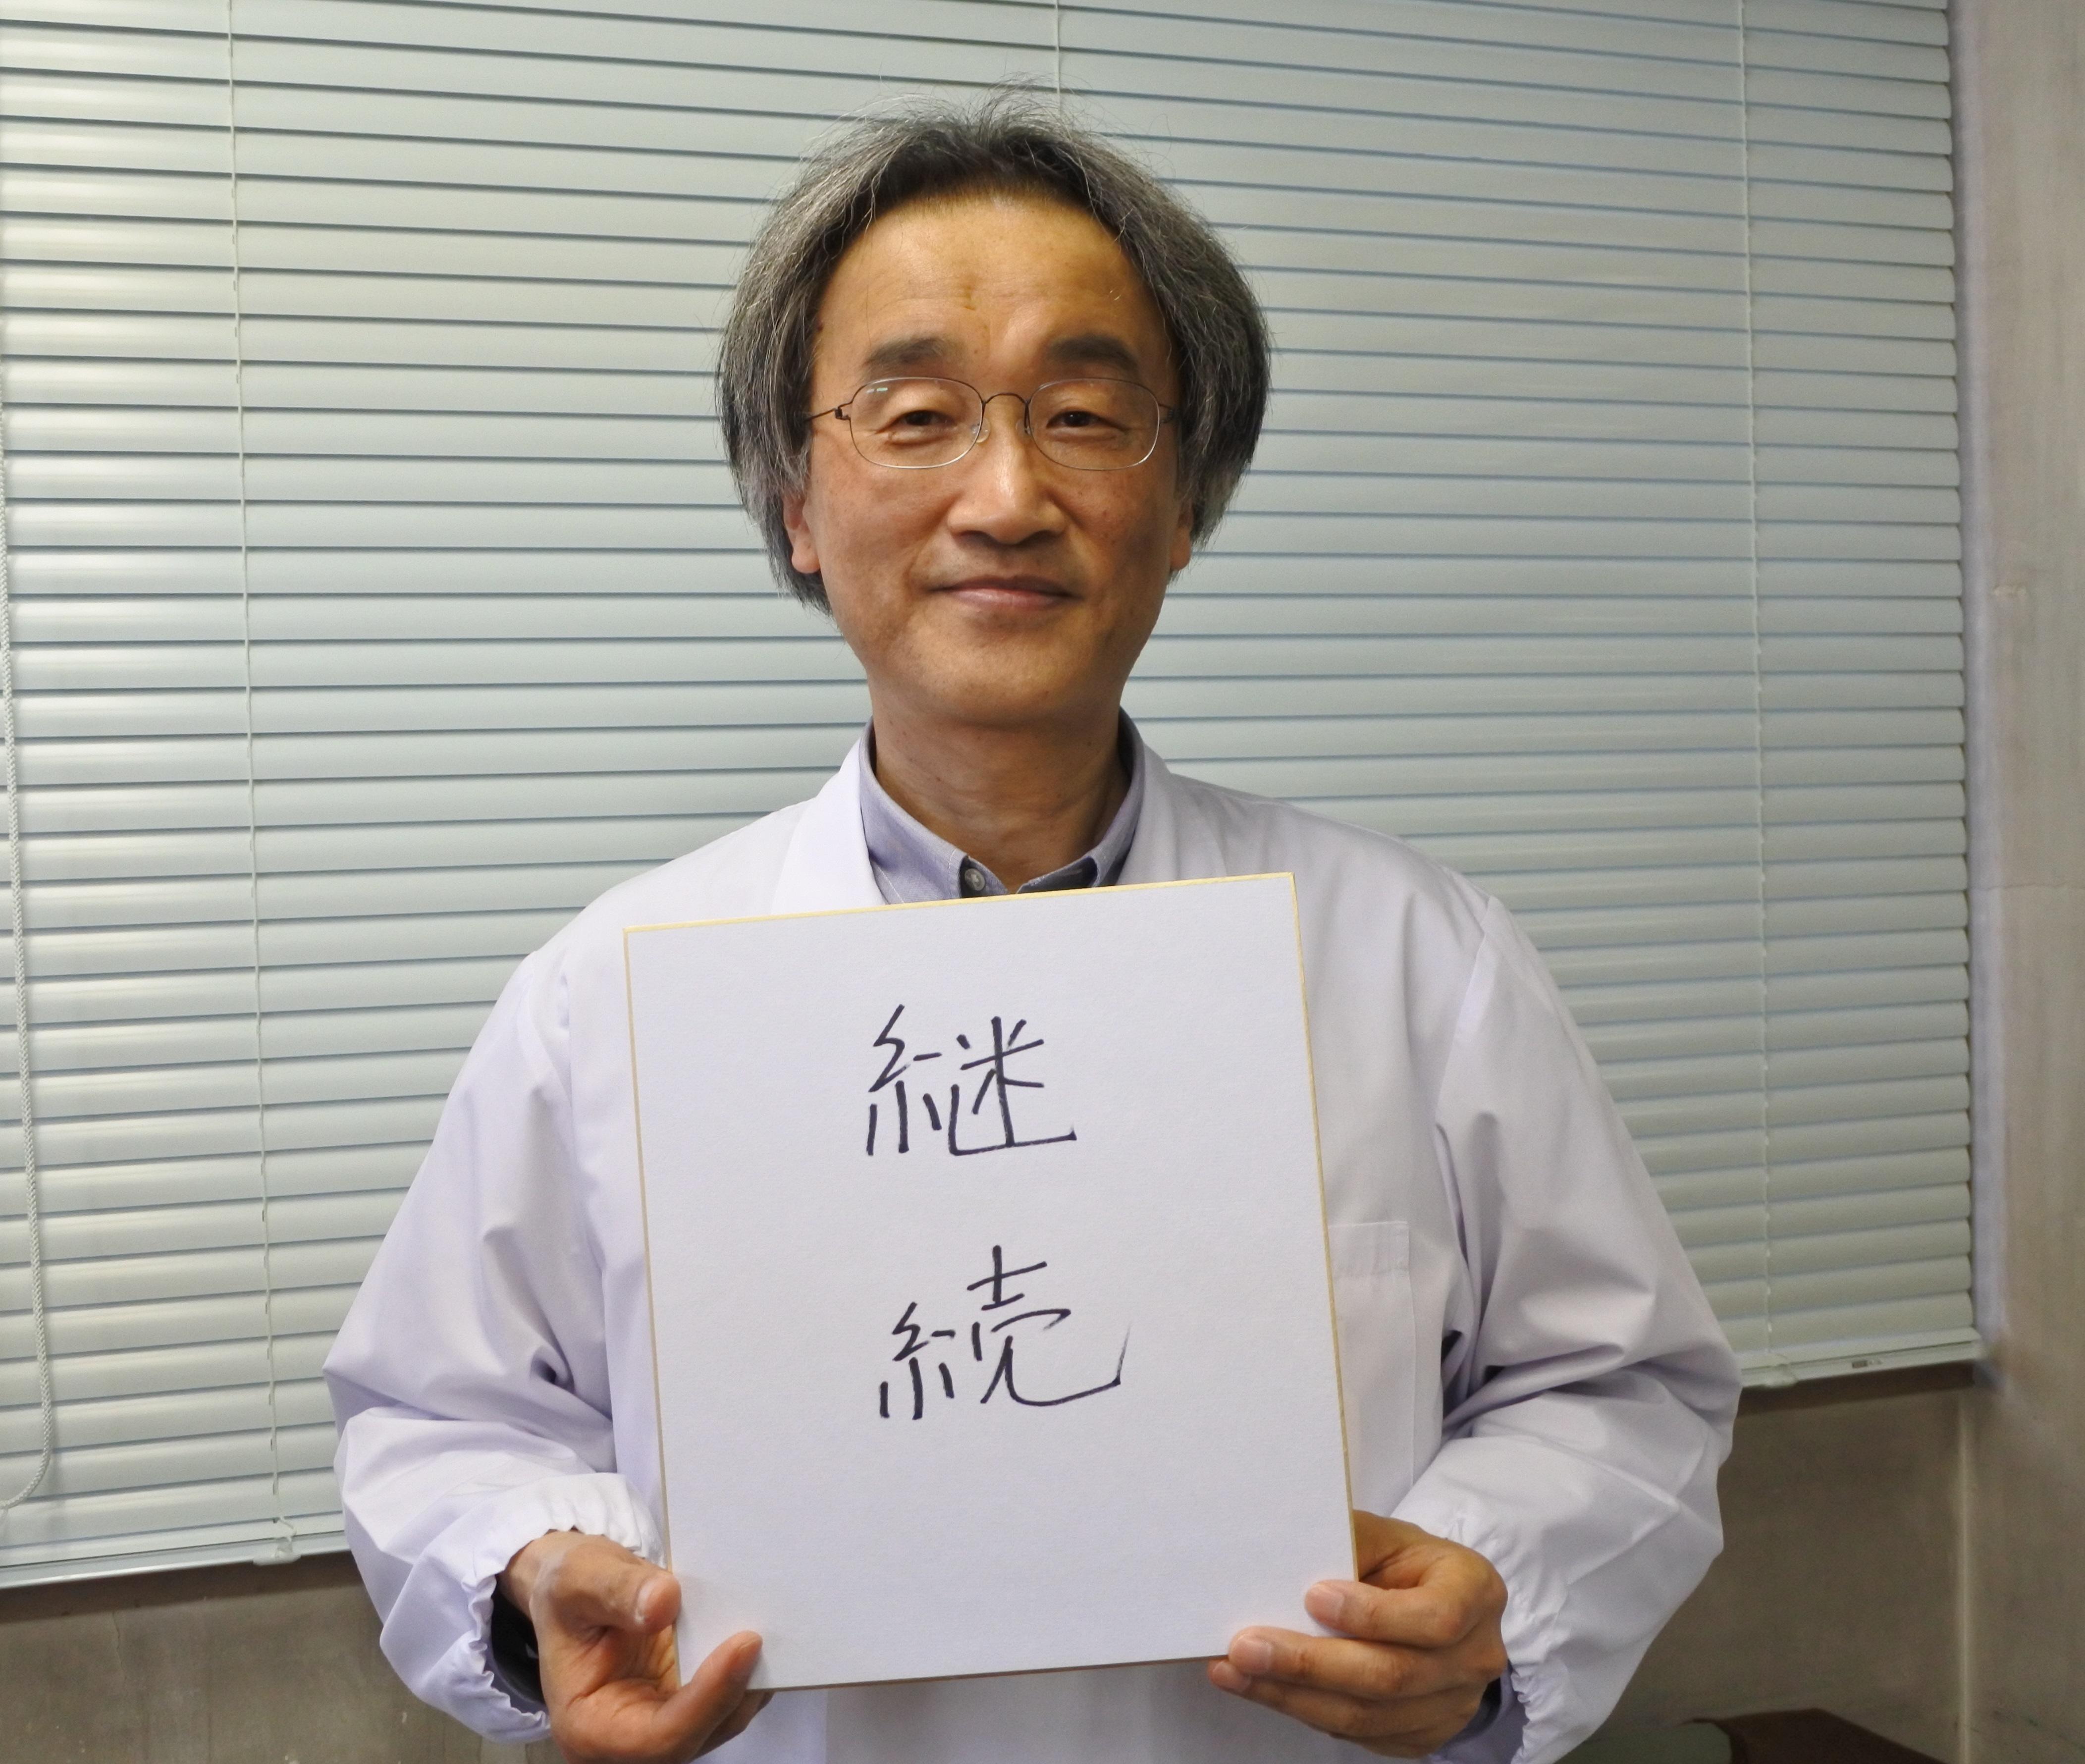 好きな言葉を色紙に書いた打矢准教授